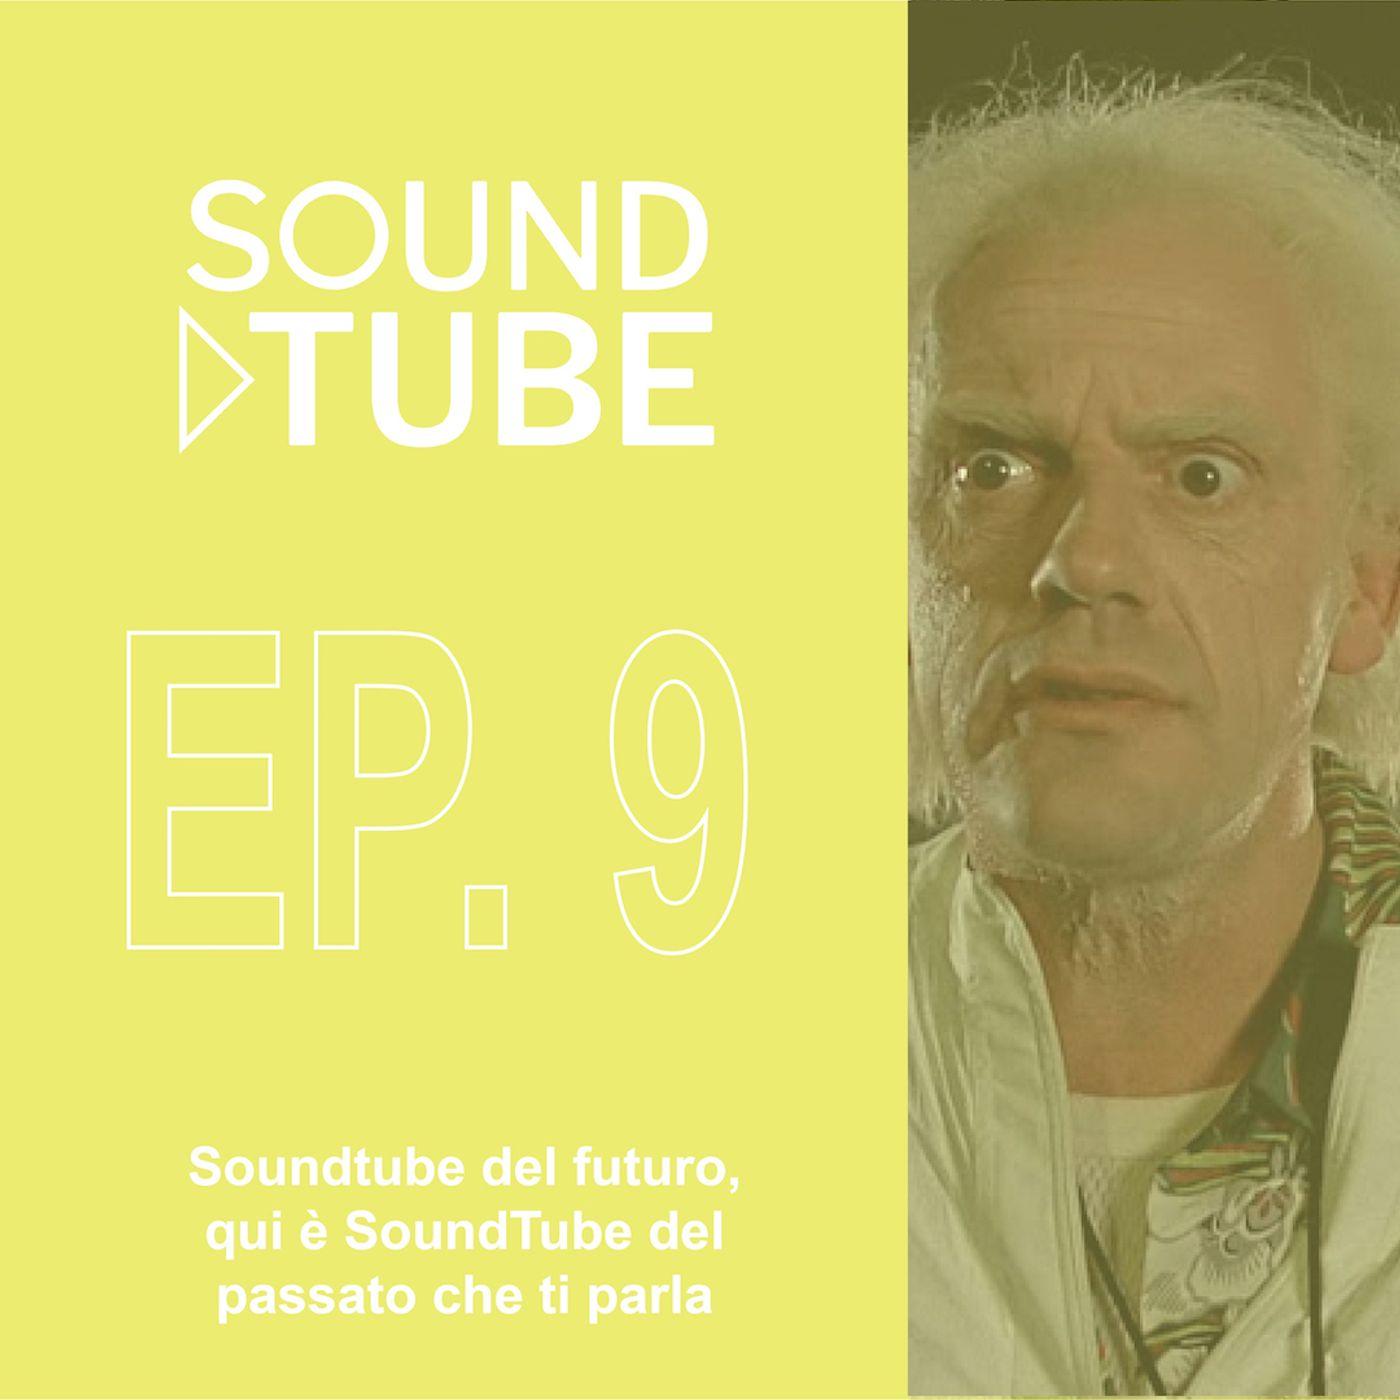 SoundTube del futuro, qui è SoundTube del passato che ti parla - ep 9 domenica 8/3